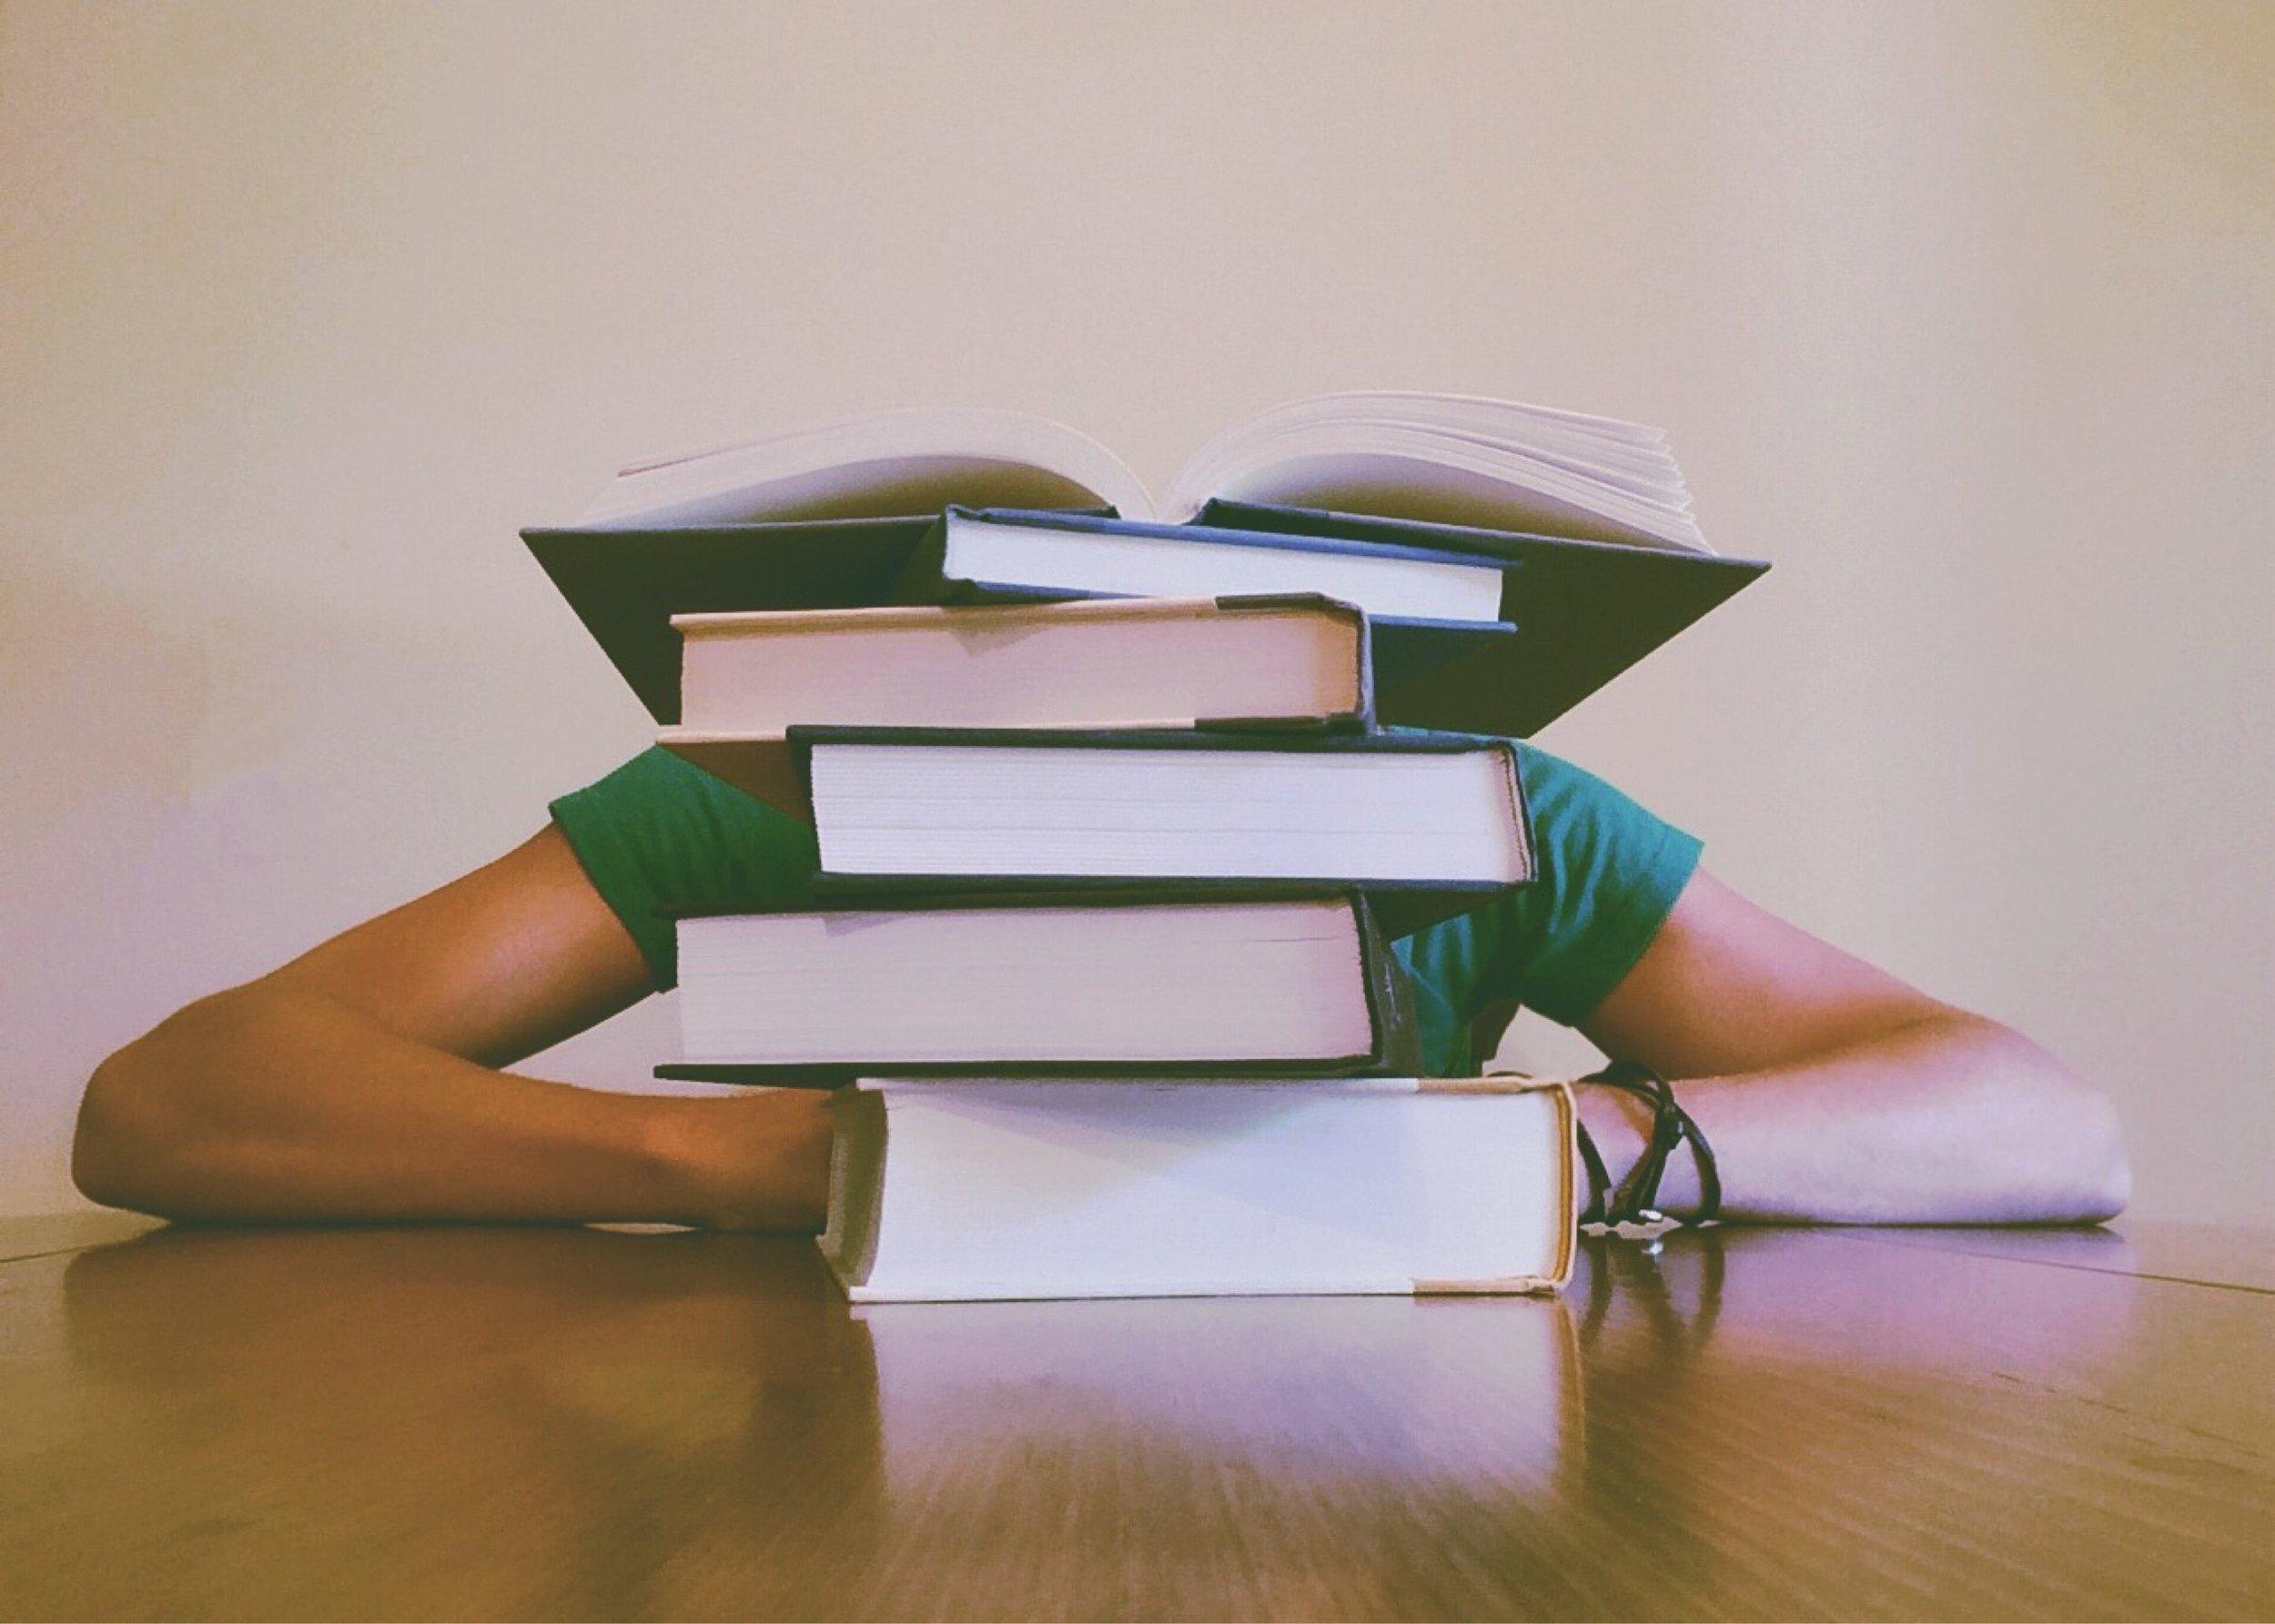 Lernen im Studium: Mit diesen Methoden geht's leichter! -